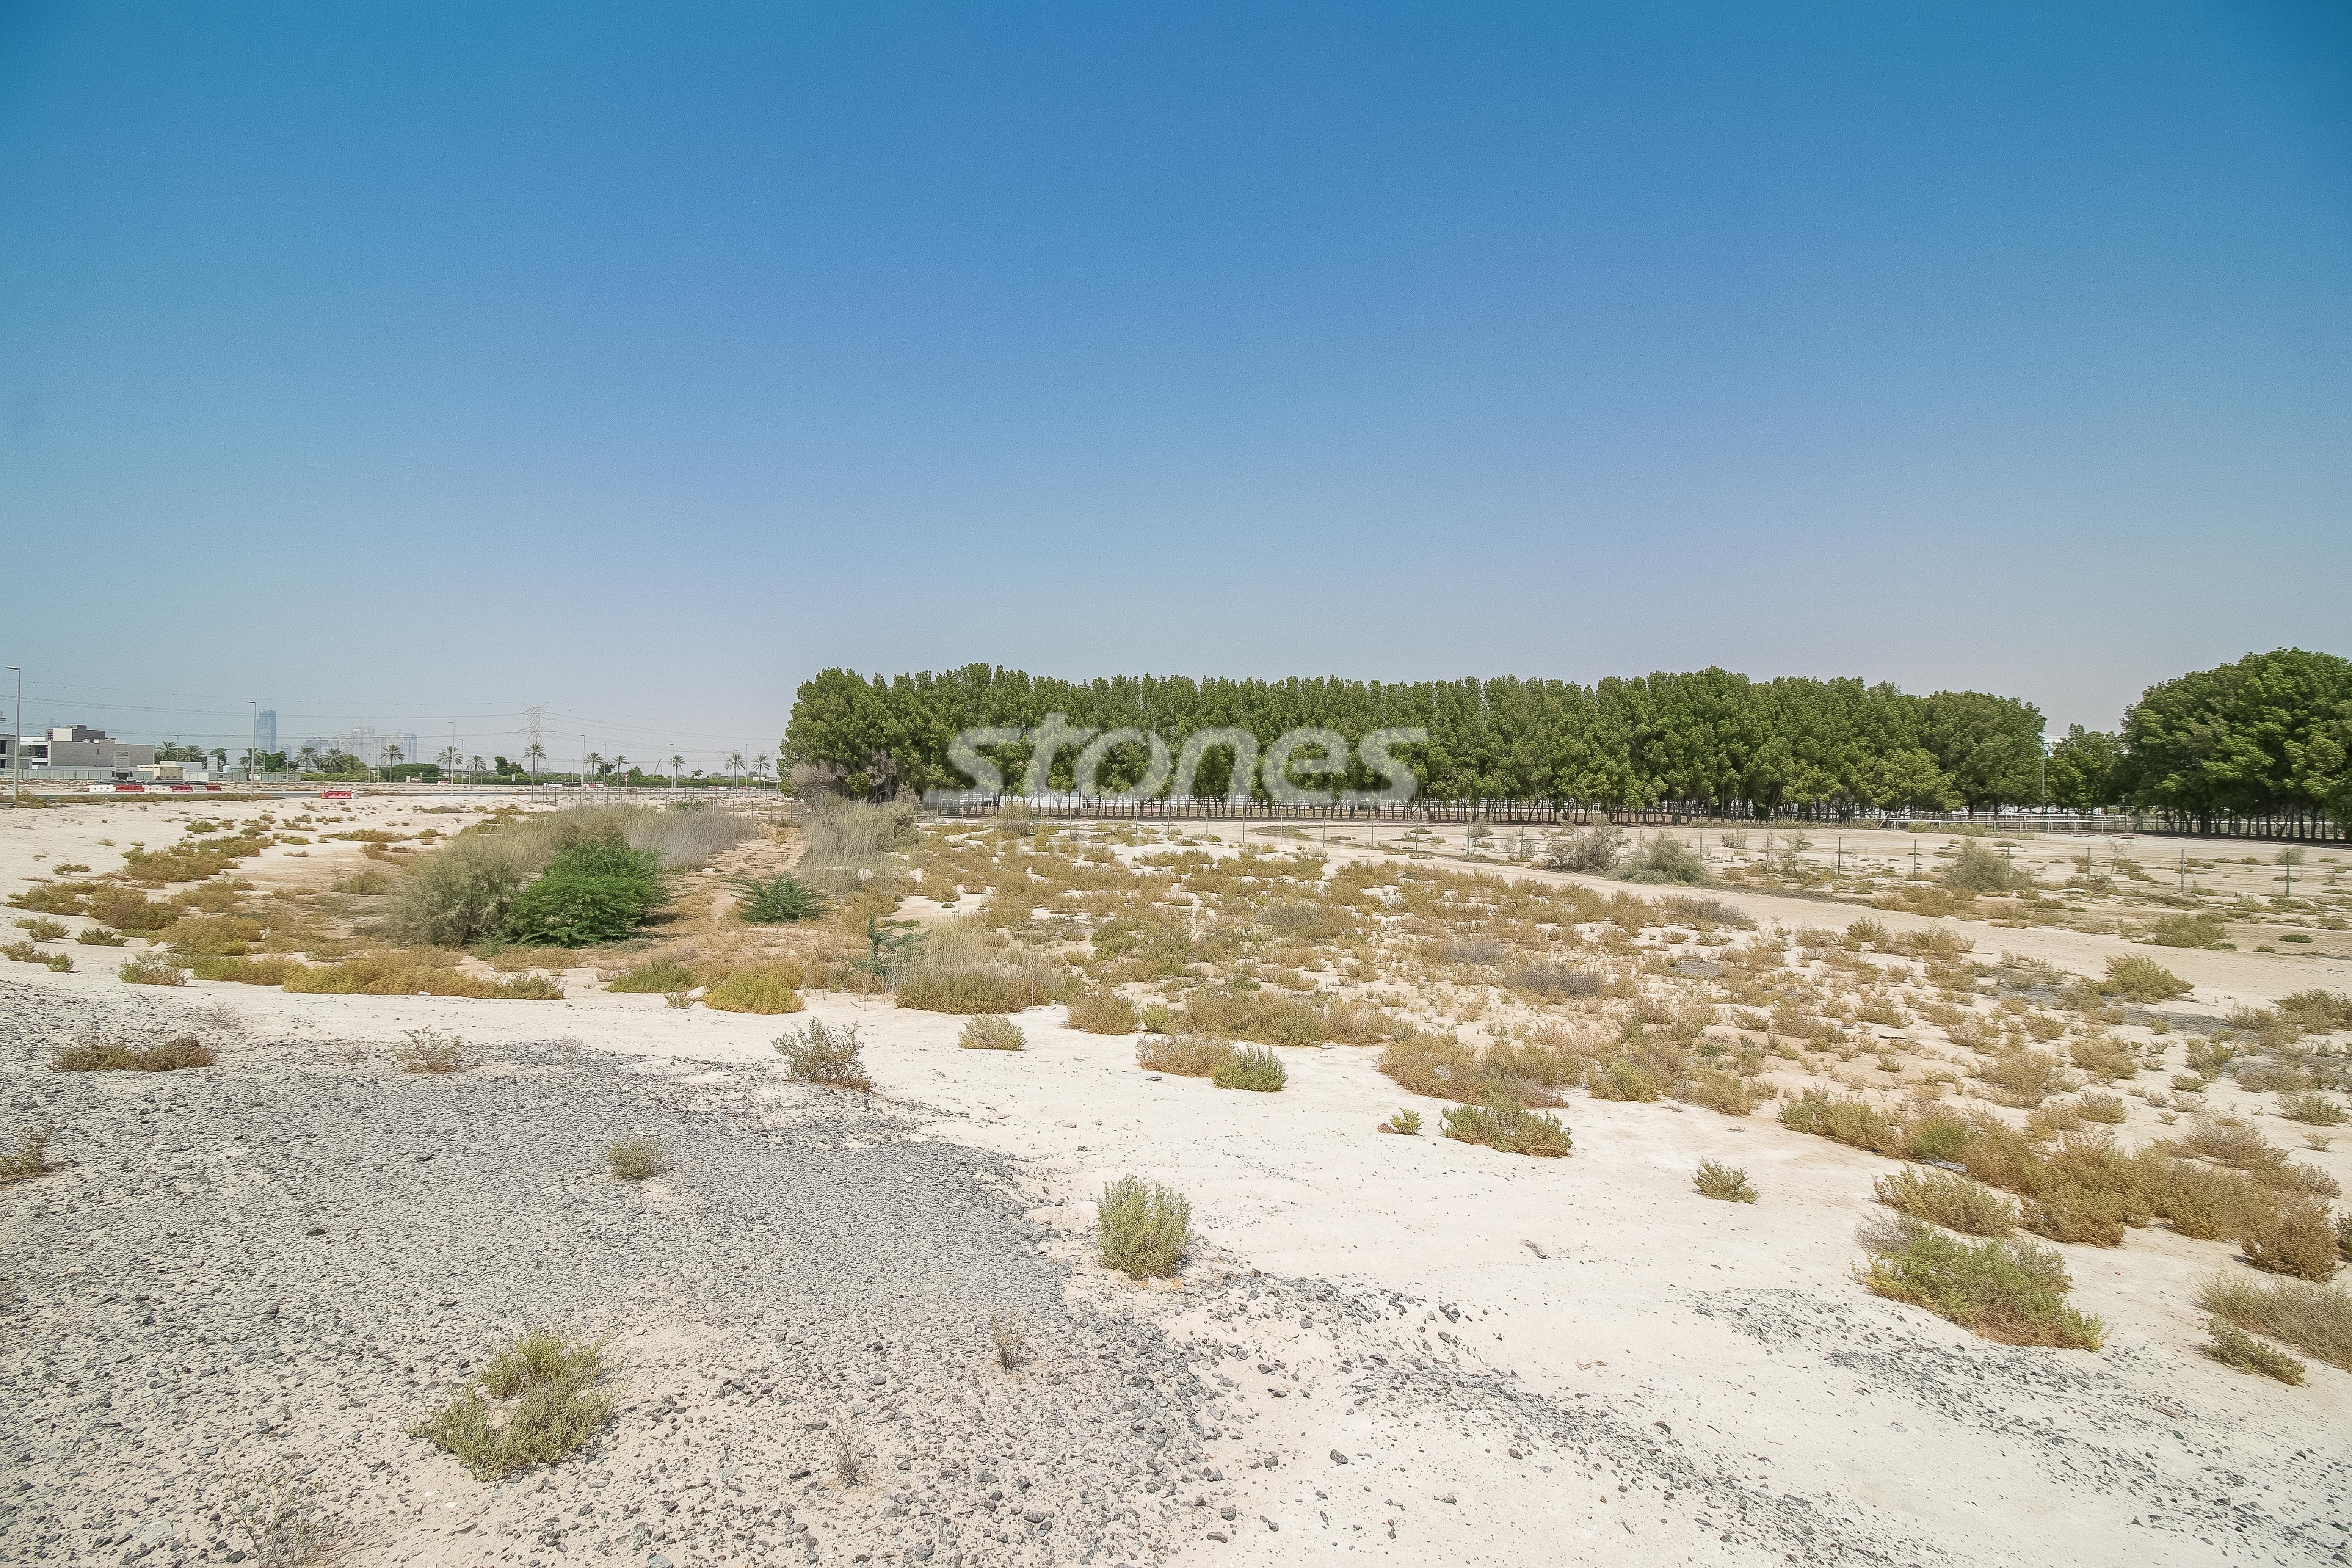 Meydan Racecourse Villas-3